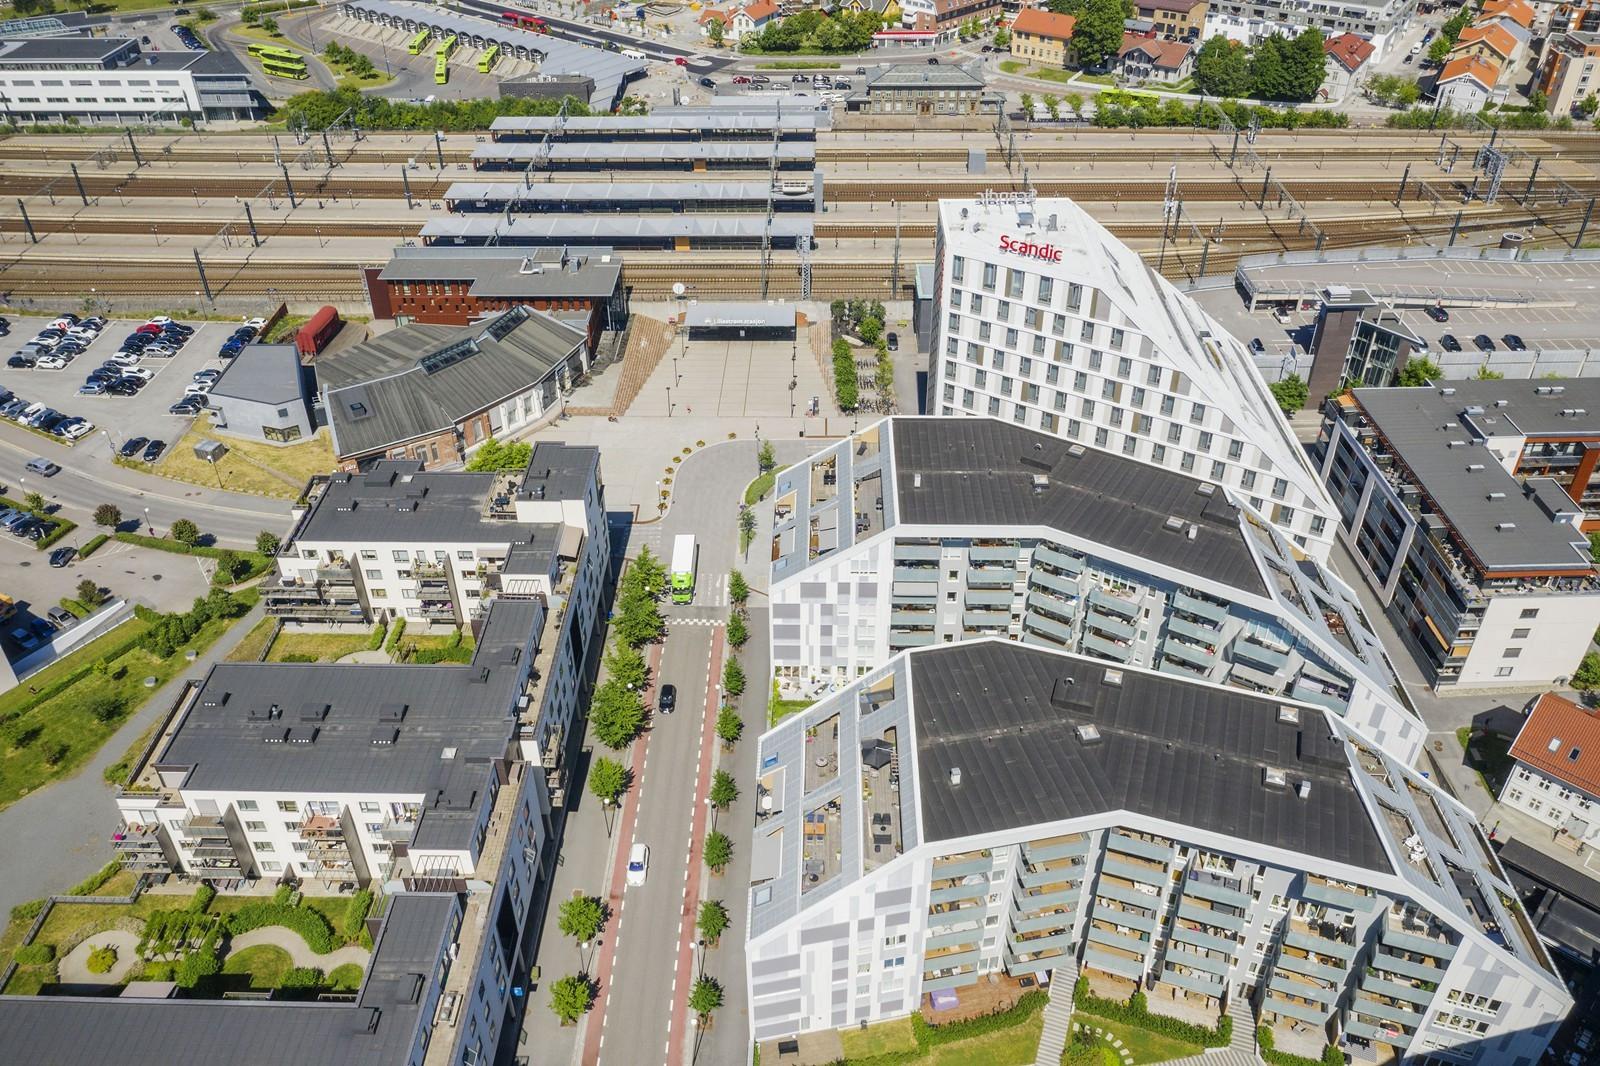 Nærmeste nabo til Lillestrøm togstasjon